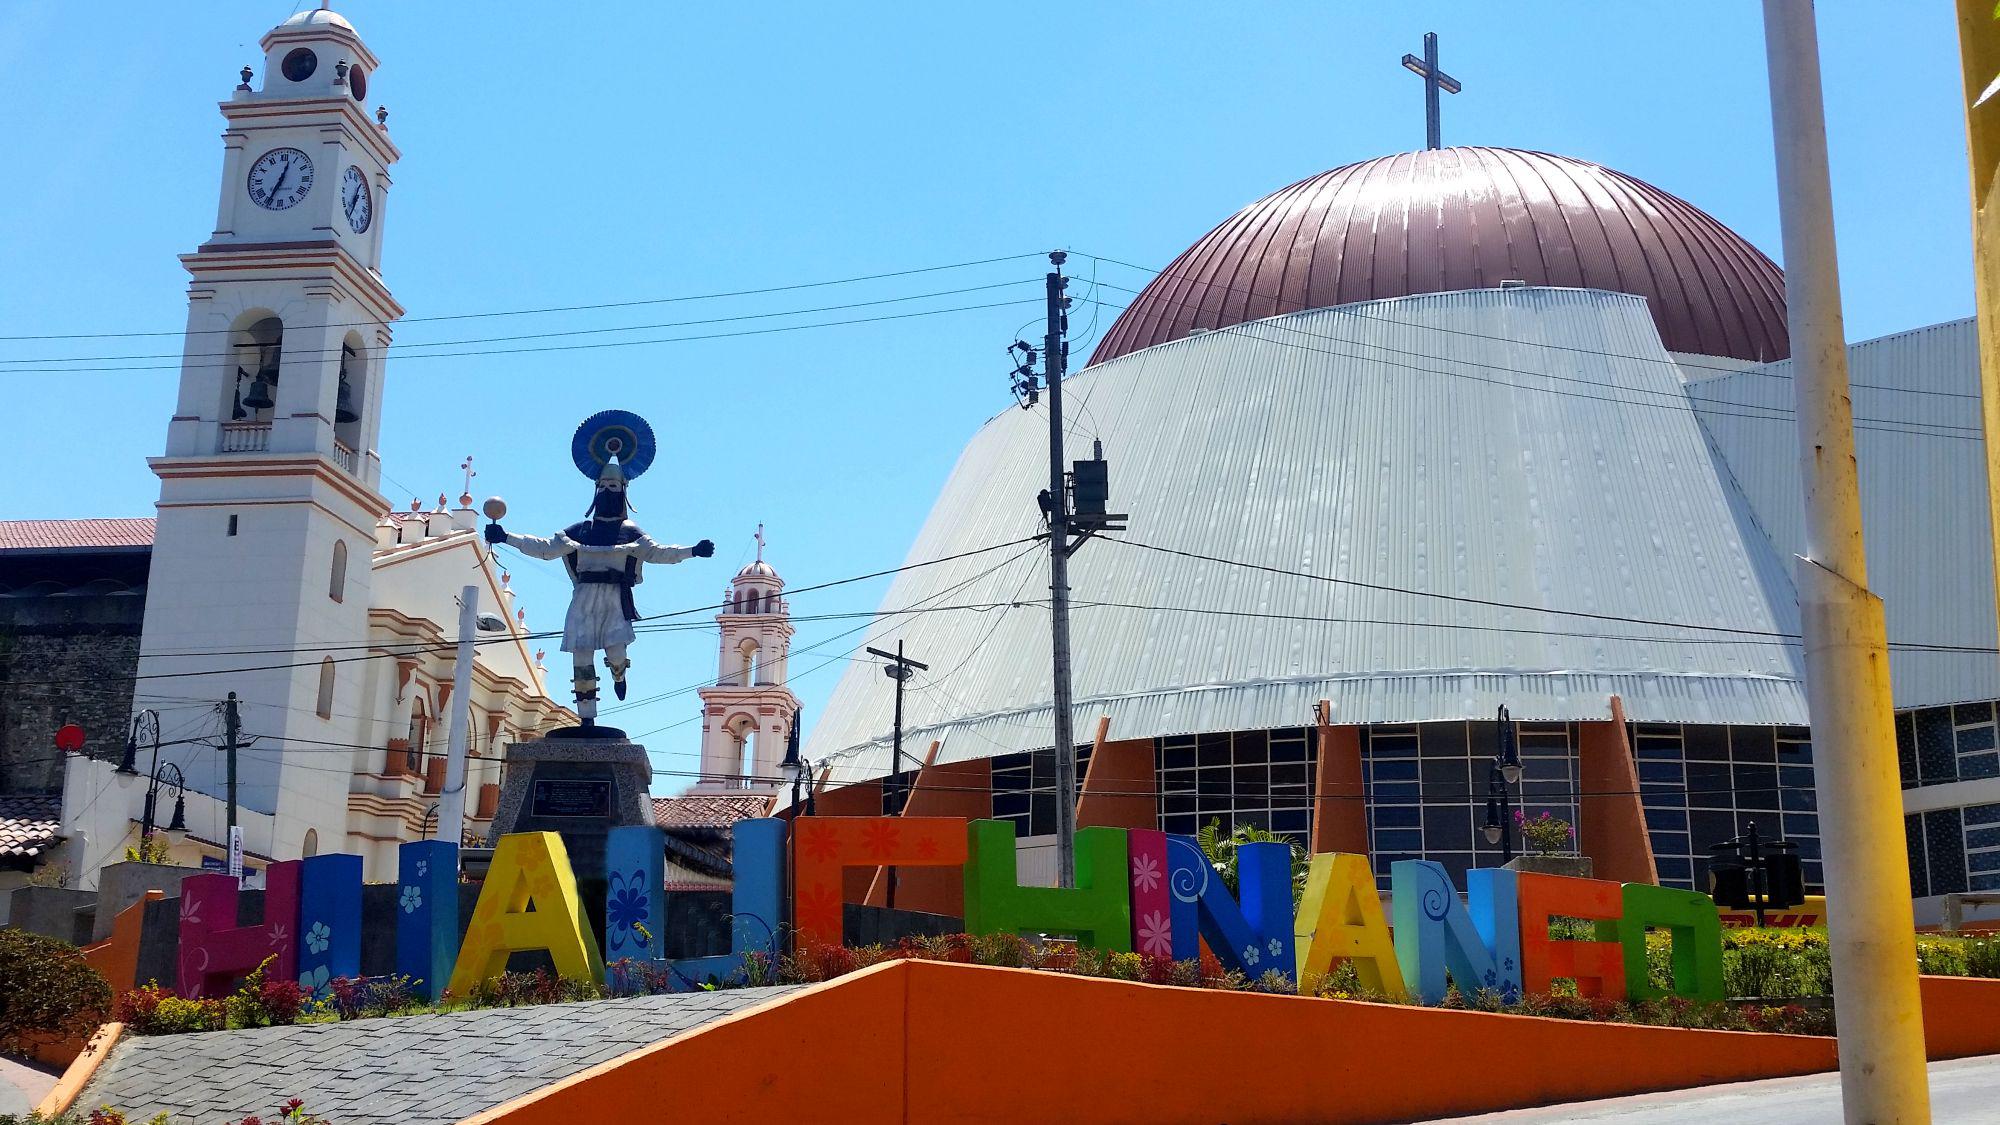 Promoverá Turismo a Pueblos Mágicos y municipios con vocación turística